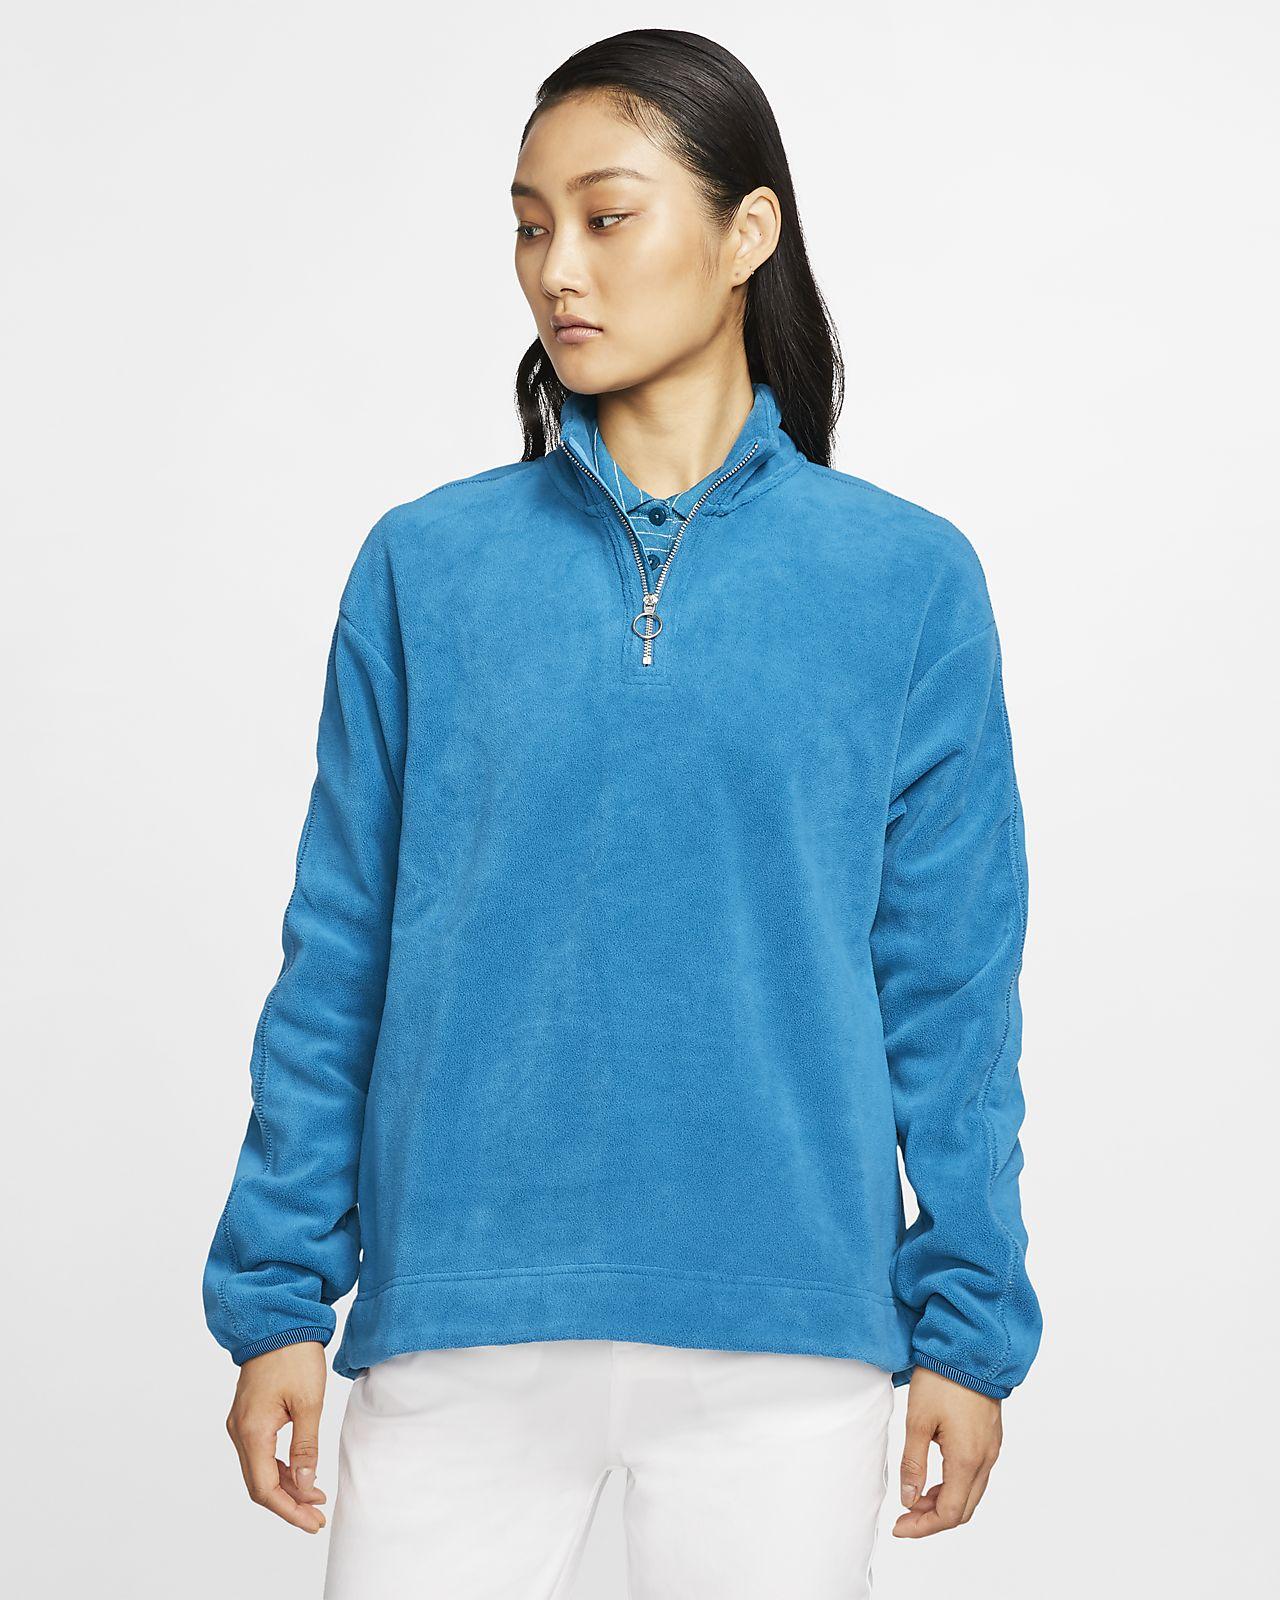 Camisola de golfe com fecho até meio Nike Therma Victory para mulher